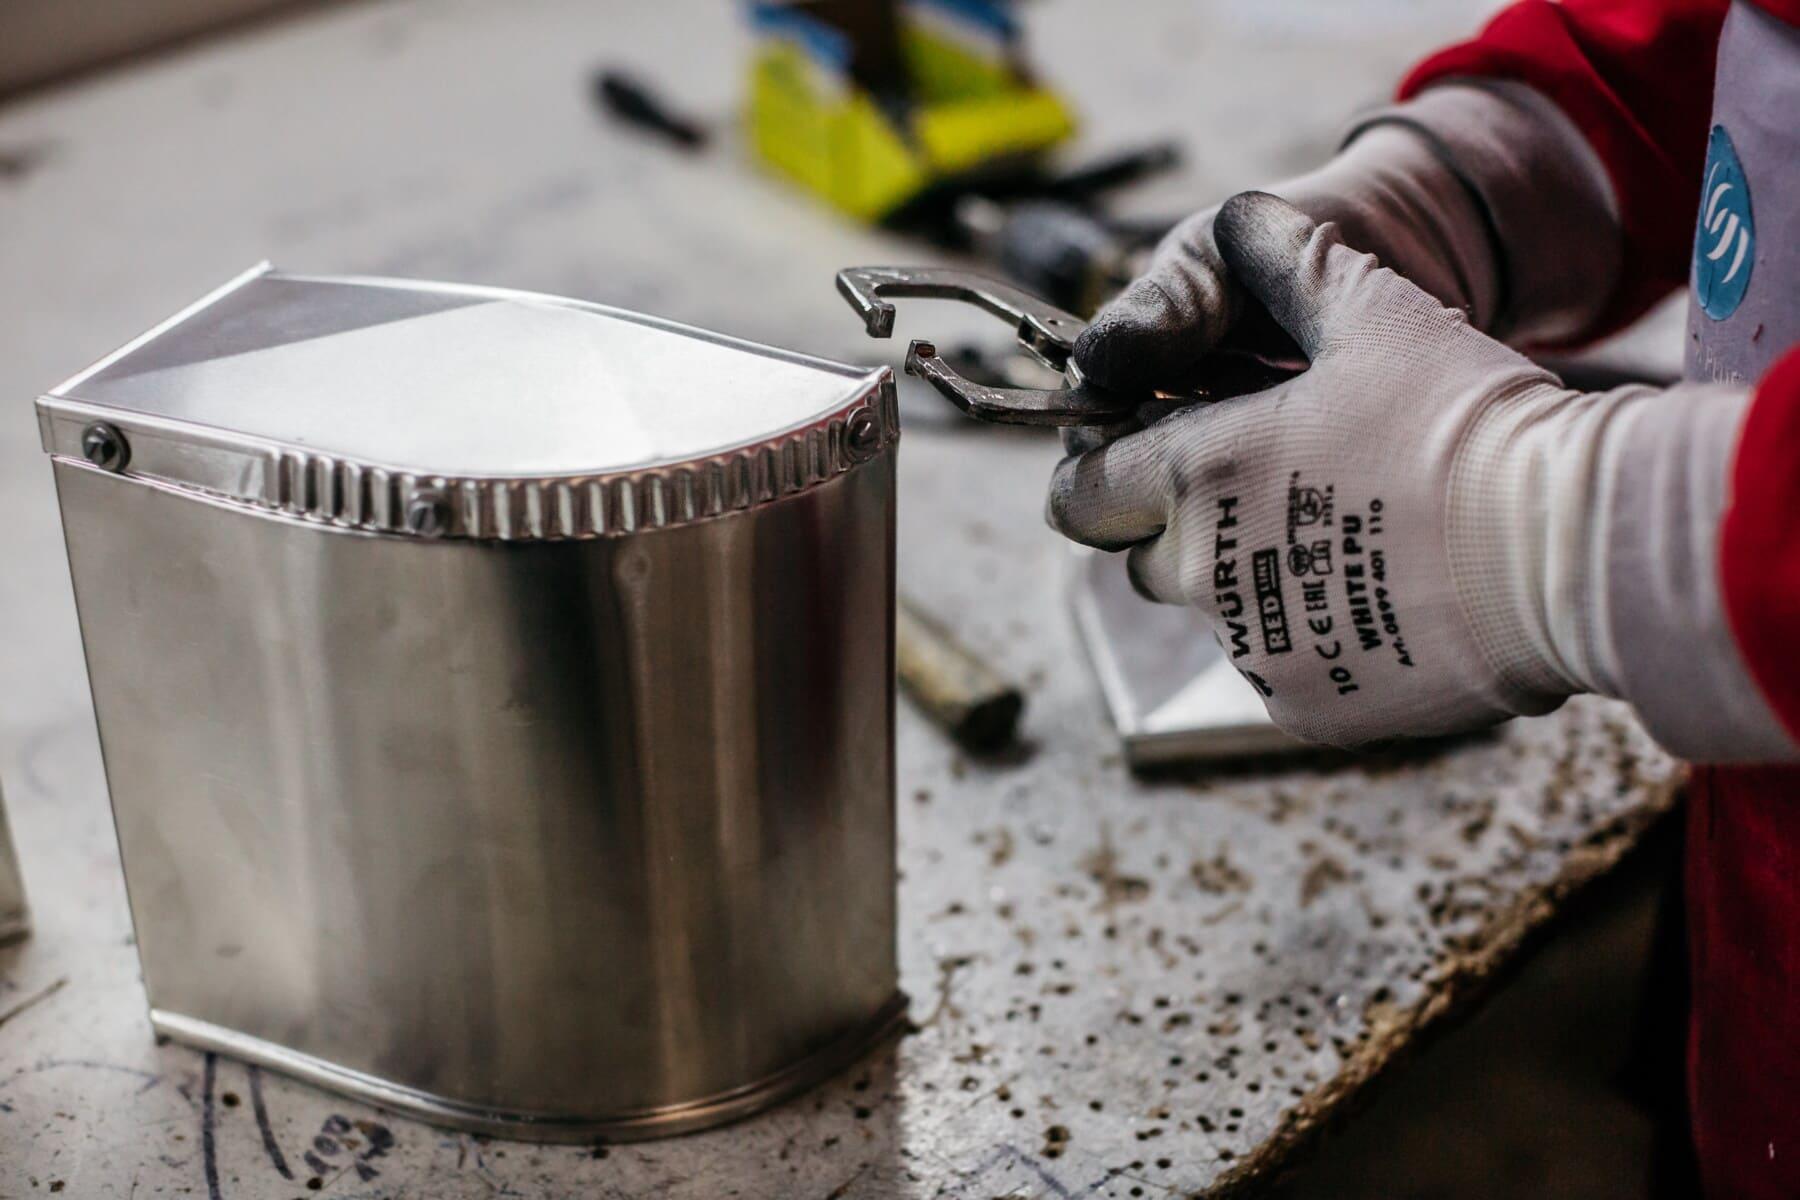 Metal, hansker, håndlaget, håndverker, rustfritt stål, håndverket, arbeideren, verksted, arbeidsplassen, arbeider